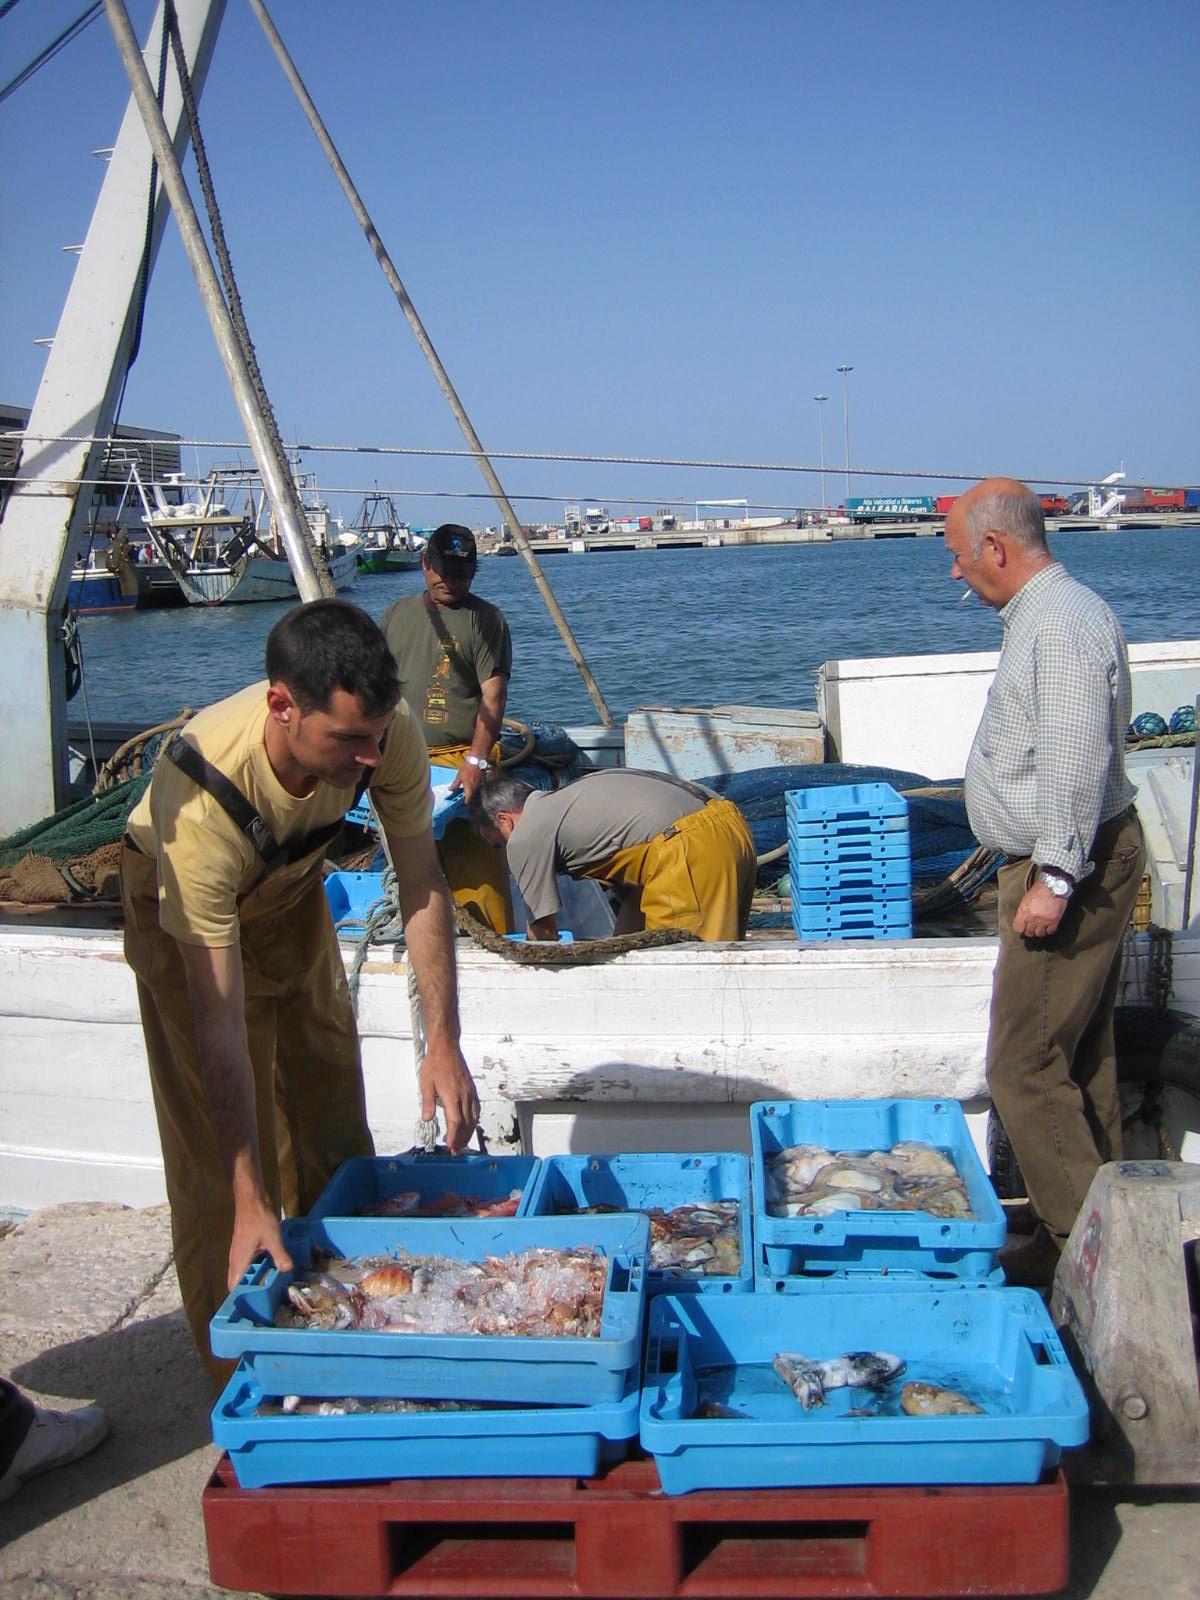 Om 17 uur komen de vissers aan in de haven van Denia